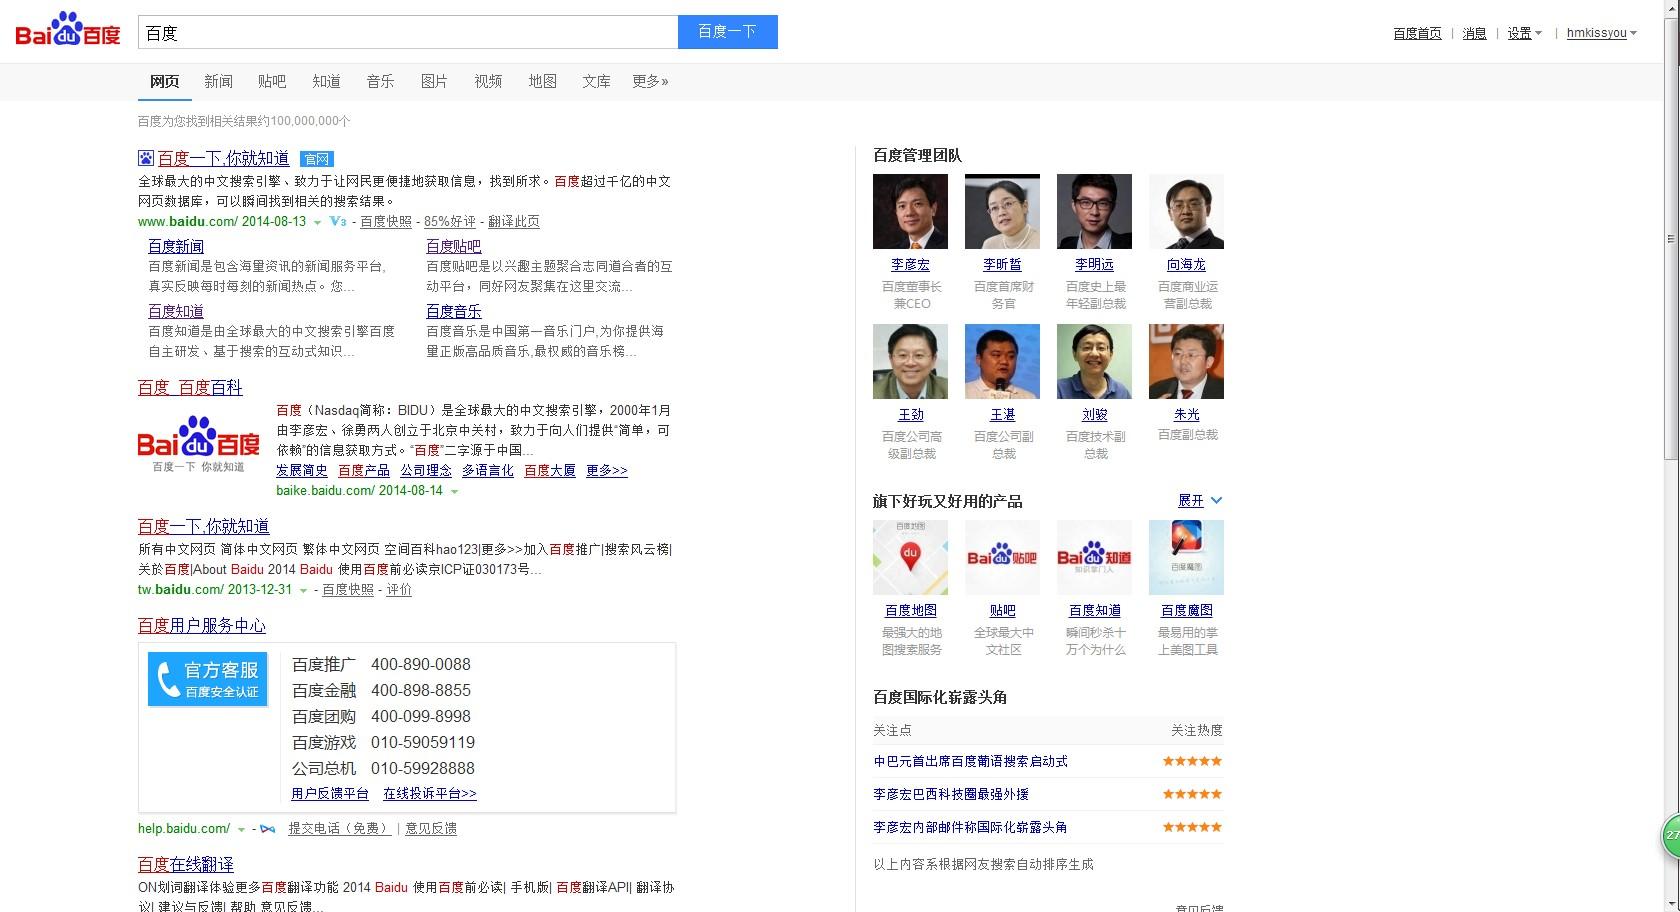 怎么让360网页一打开就自动是百度搜索啊 1 2013-06-17 用百度打开qq图片